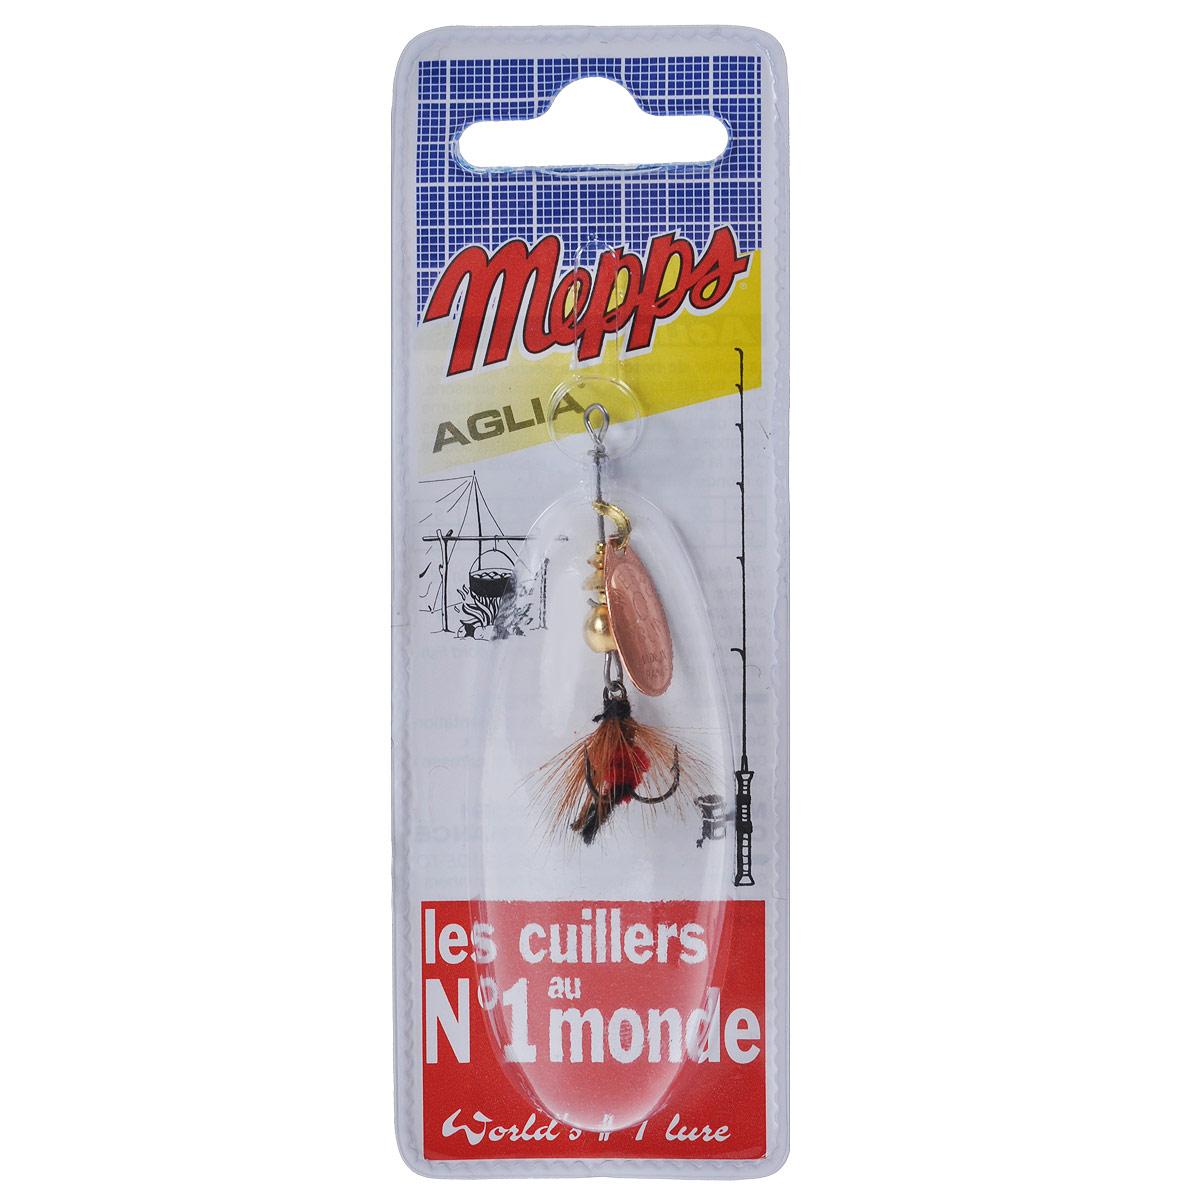 Блесна Mepps Aglia CU Mouch. Rouge, вращающаяся, №05748Вращающаяся блесна Mepps Aglia CU Mouch. Rouge оснащена мушкой из натурального беличьего хвоста, это очень эффективные приманки для ловли жереха, голавля, язя, окуня и других видов рыб, особенно в периоды массового вылета насекомых. Aglia Mouche - некрупная блесна, которая особенно подходит для летней ловли рыбы (особенно осторожной) на мелководье.